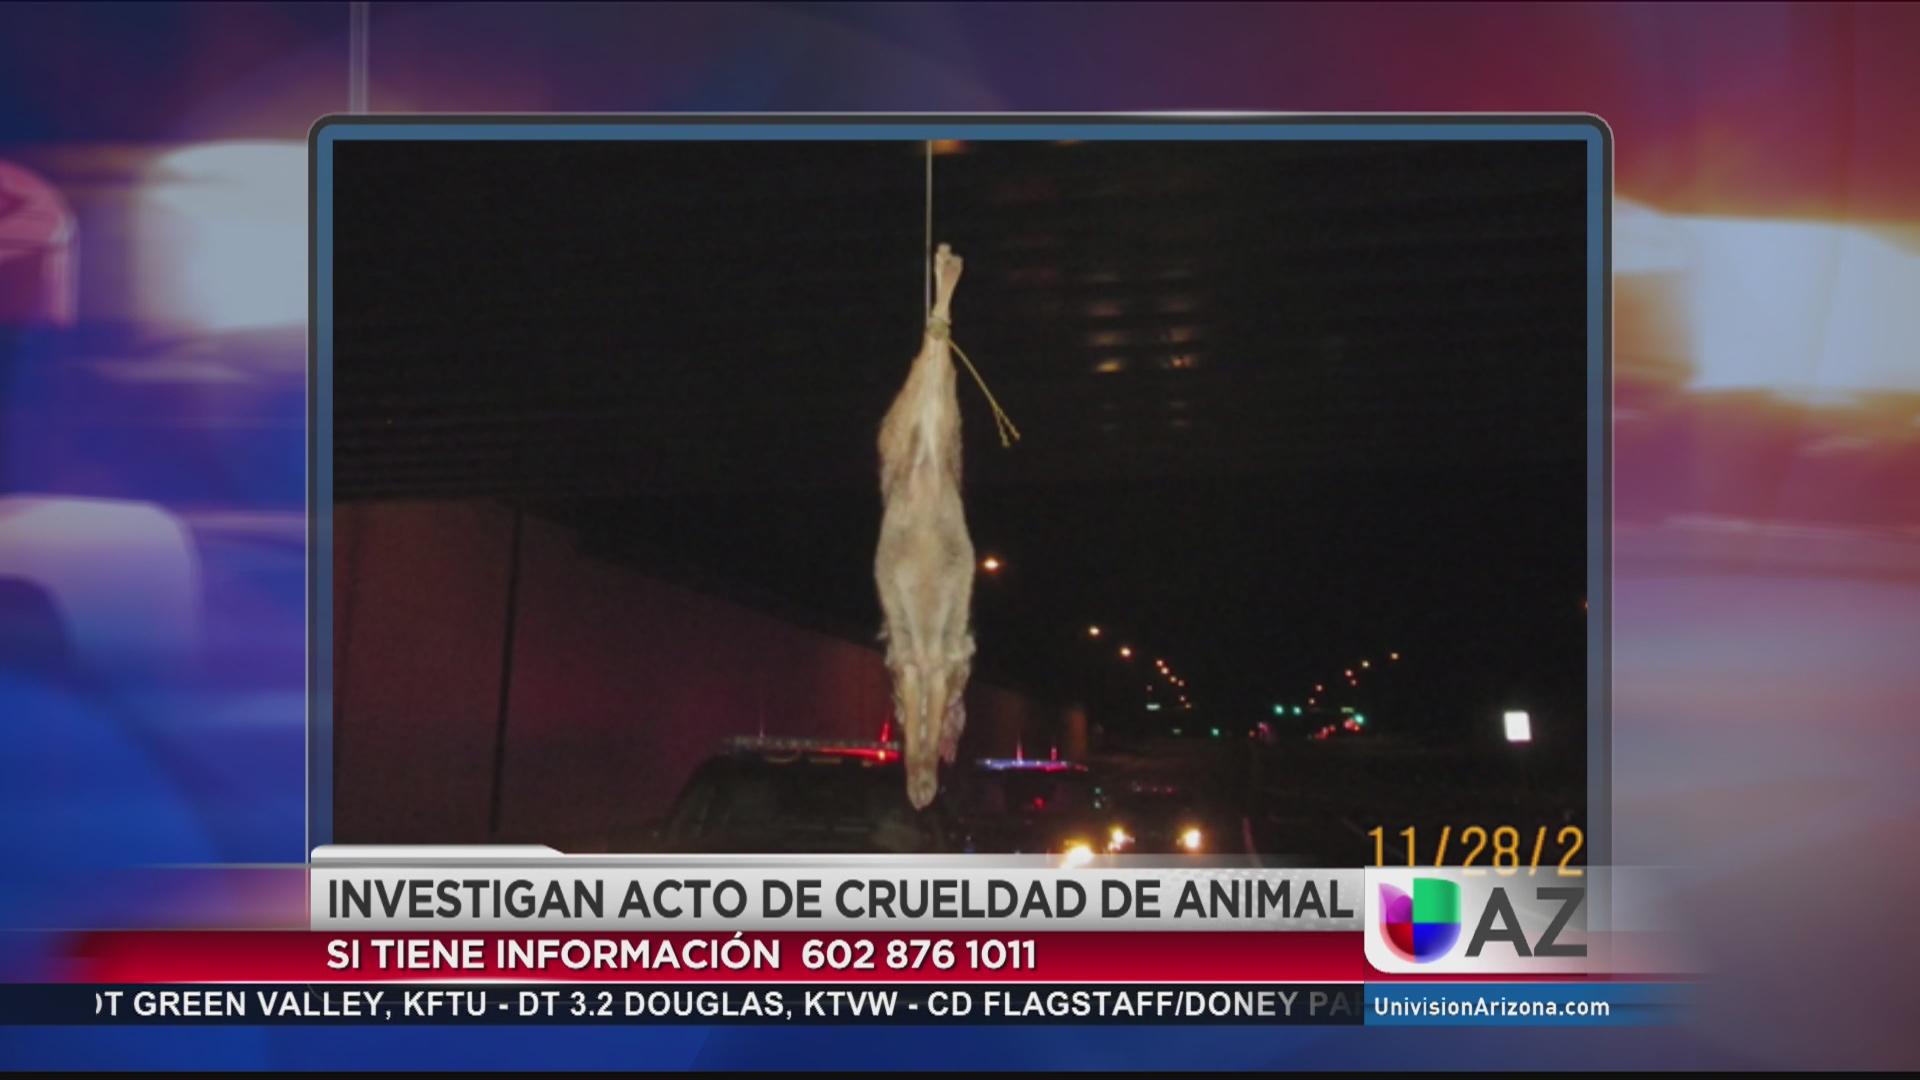 Investigan acto de crueldad animal